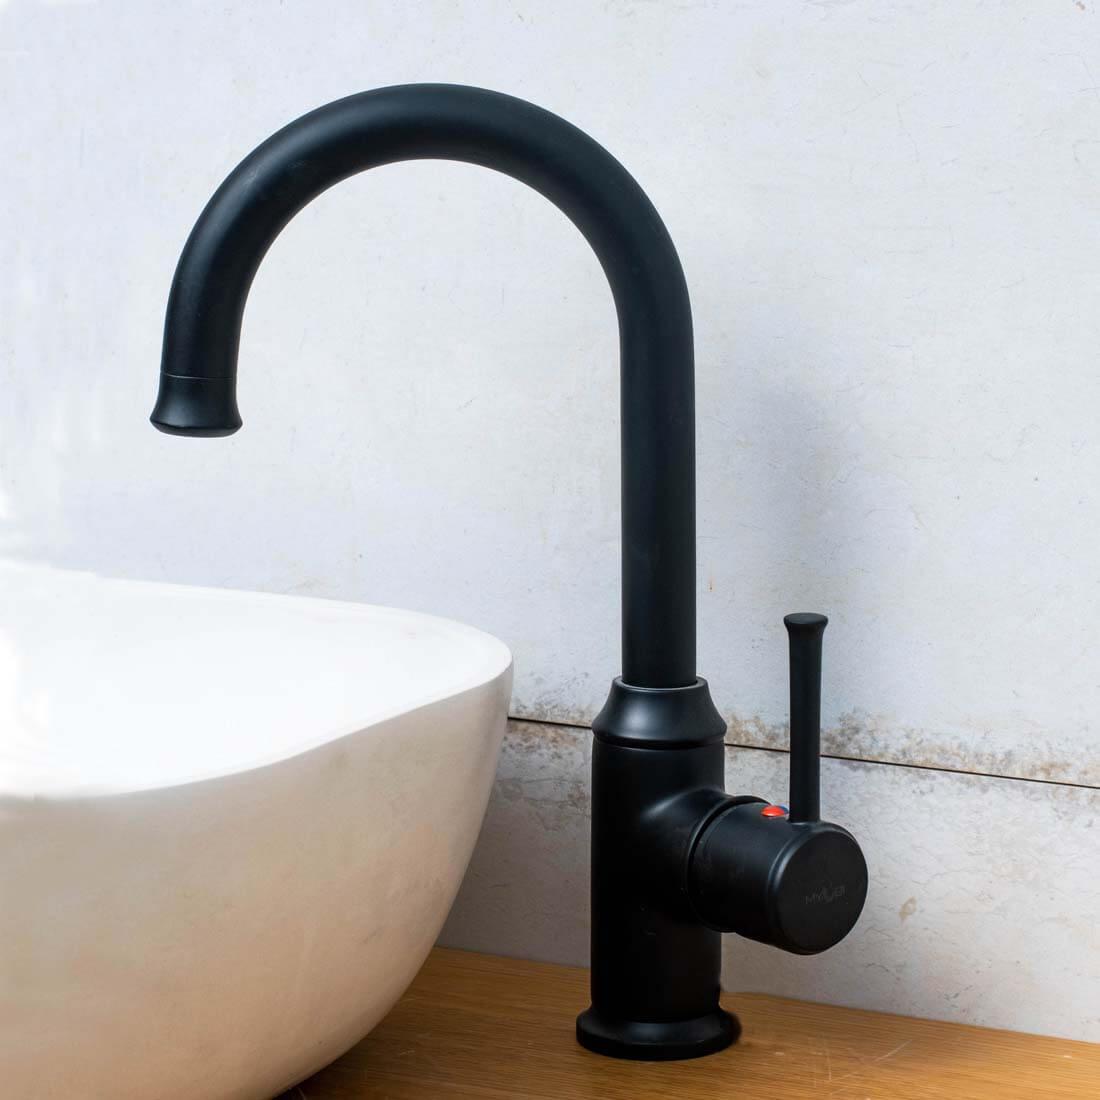 ברז אמבטיה - ברבור פלטין שחור